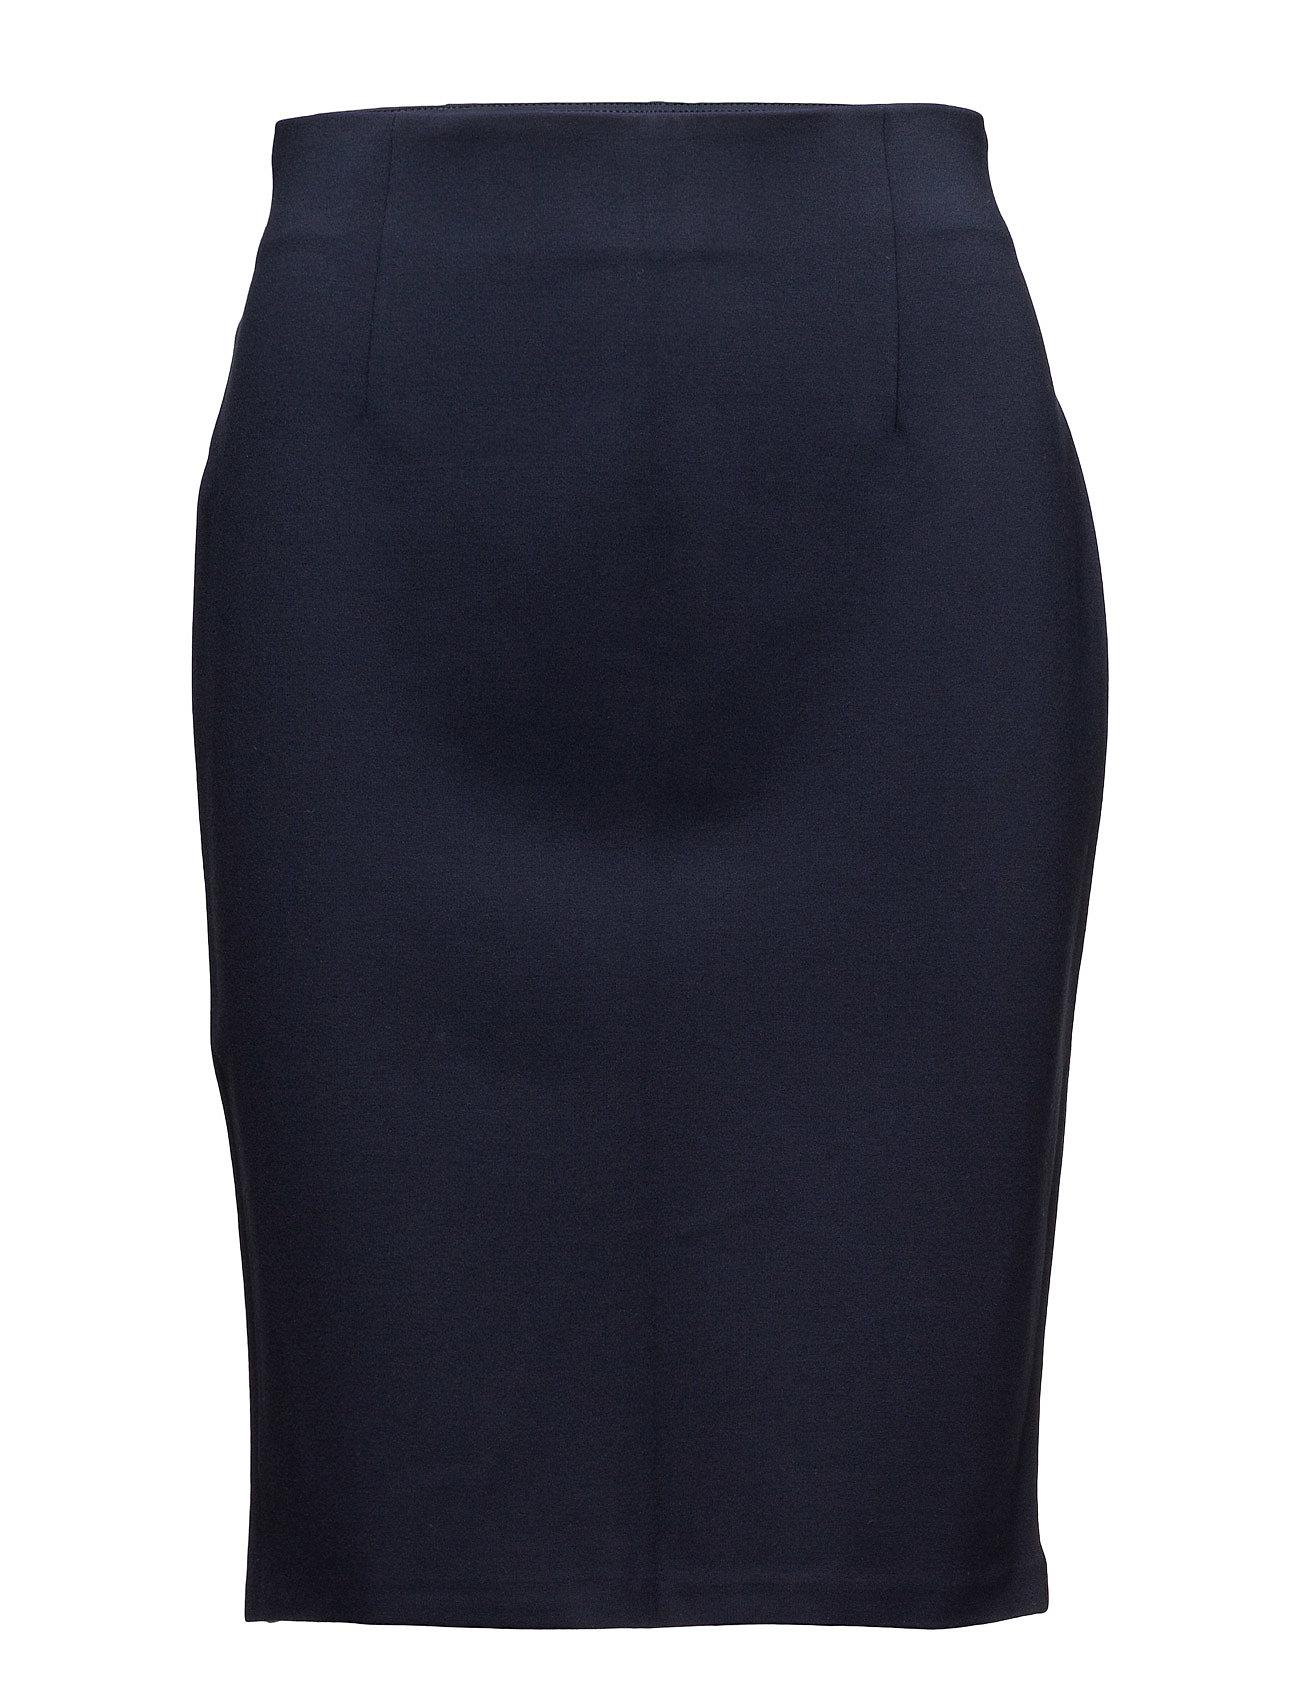 Skirt United Colors of Benetton Blyantsnederdele til Damer i 06U